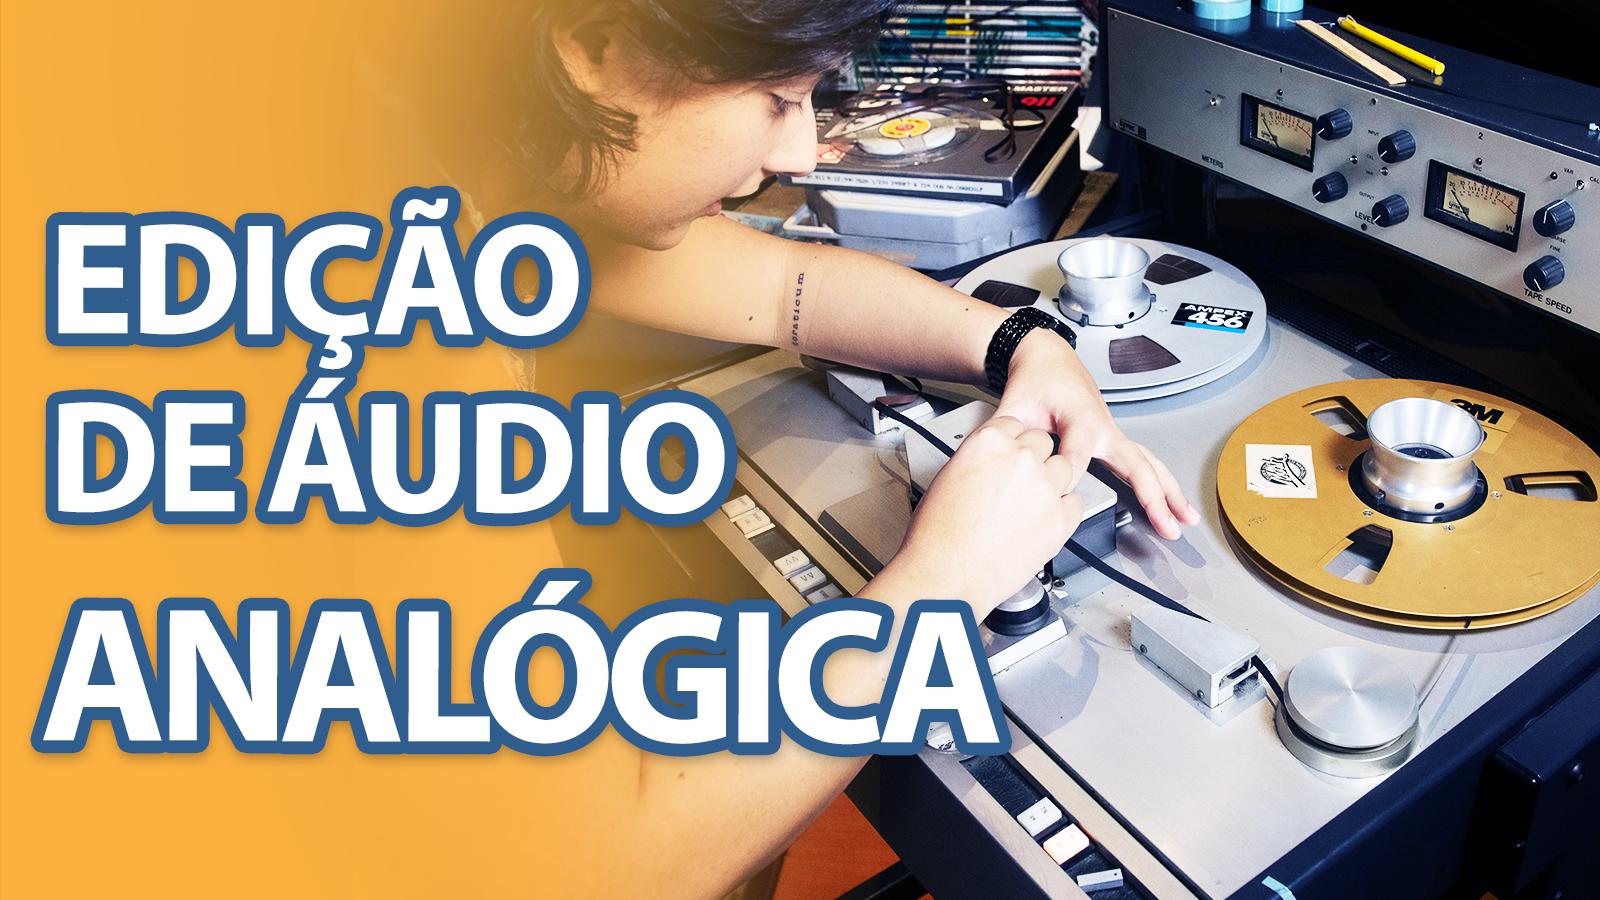 Edição de Áudio analógica